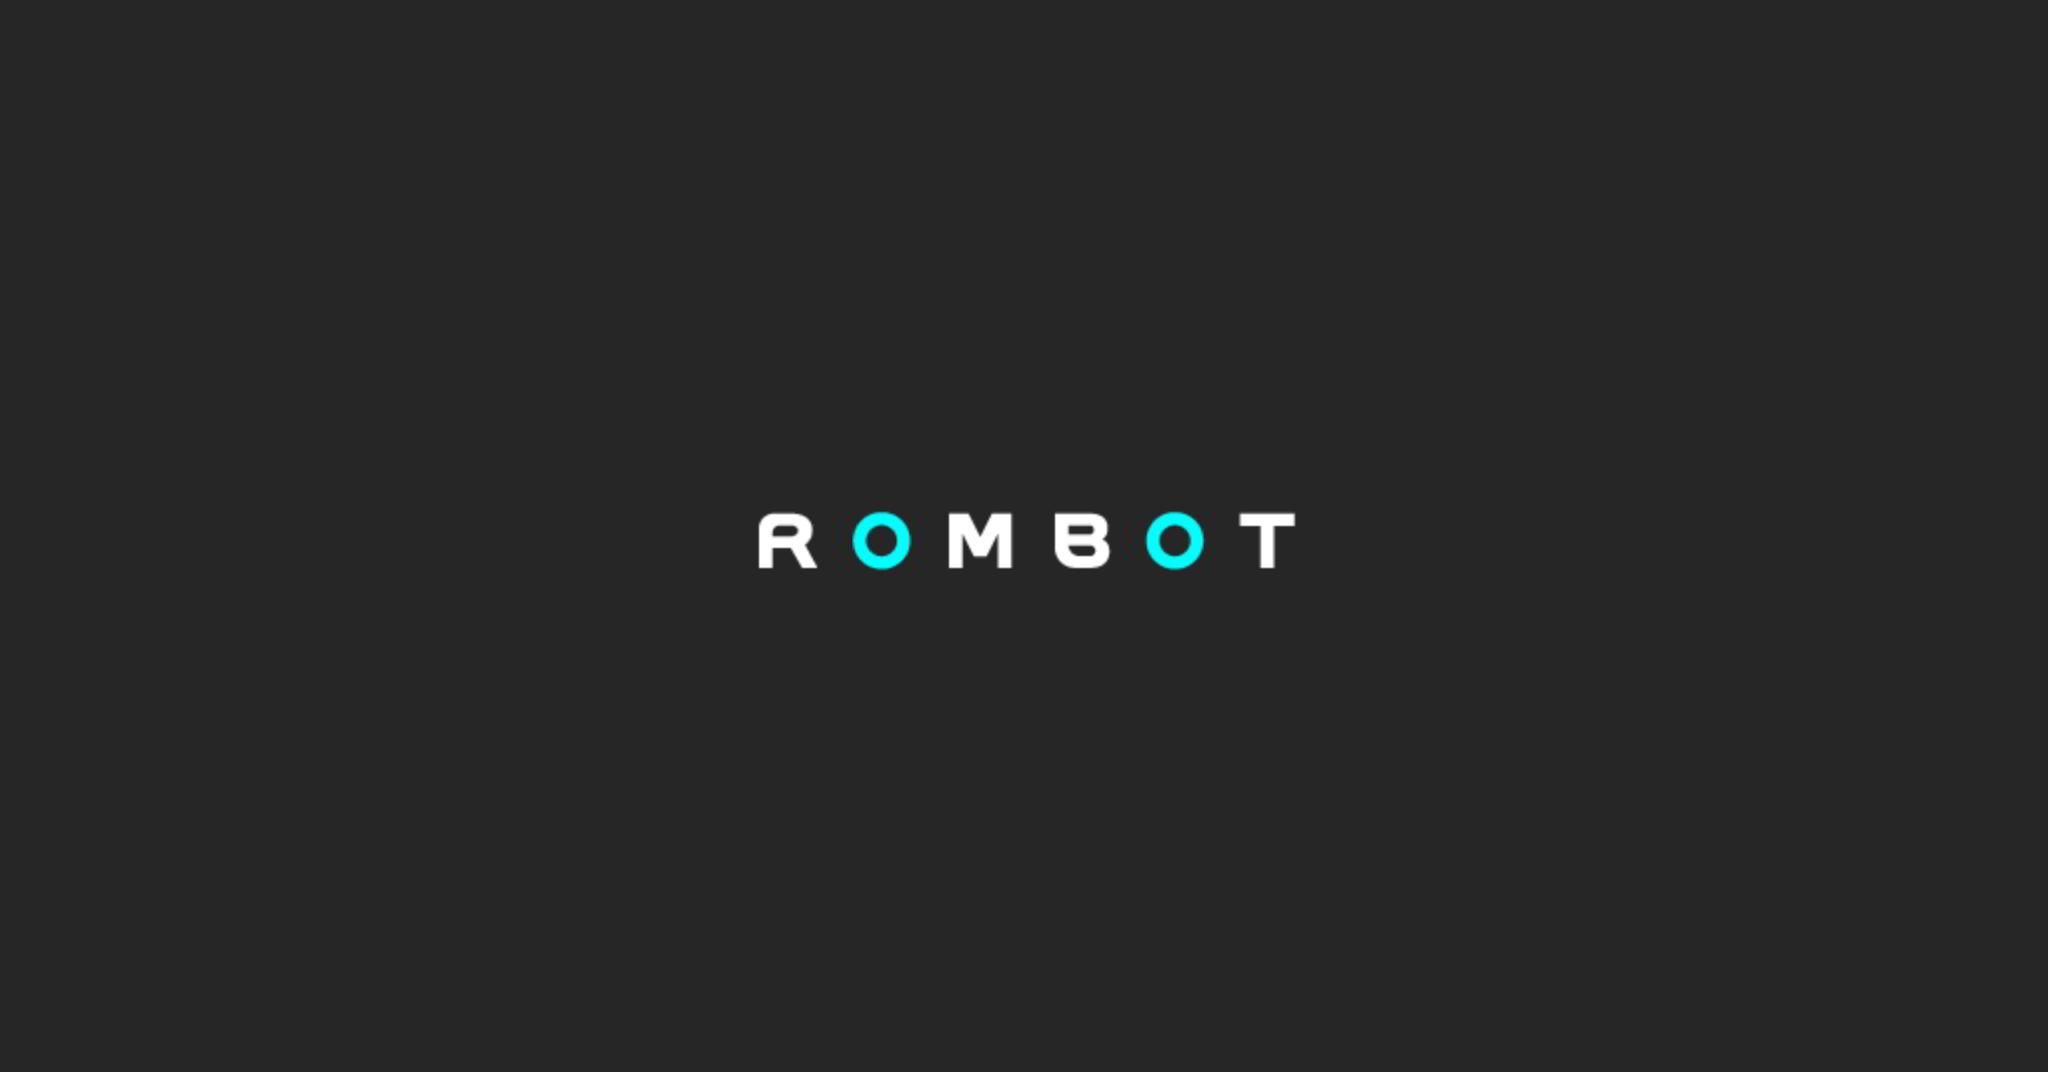 Rombot